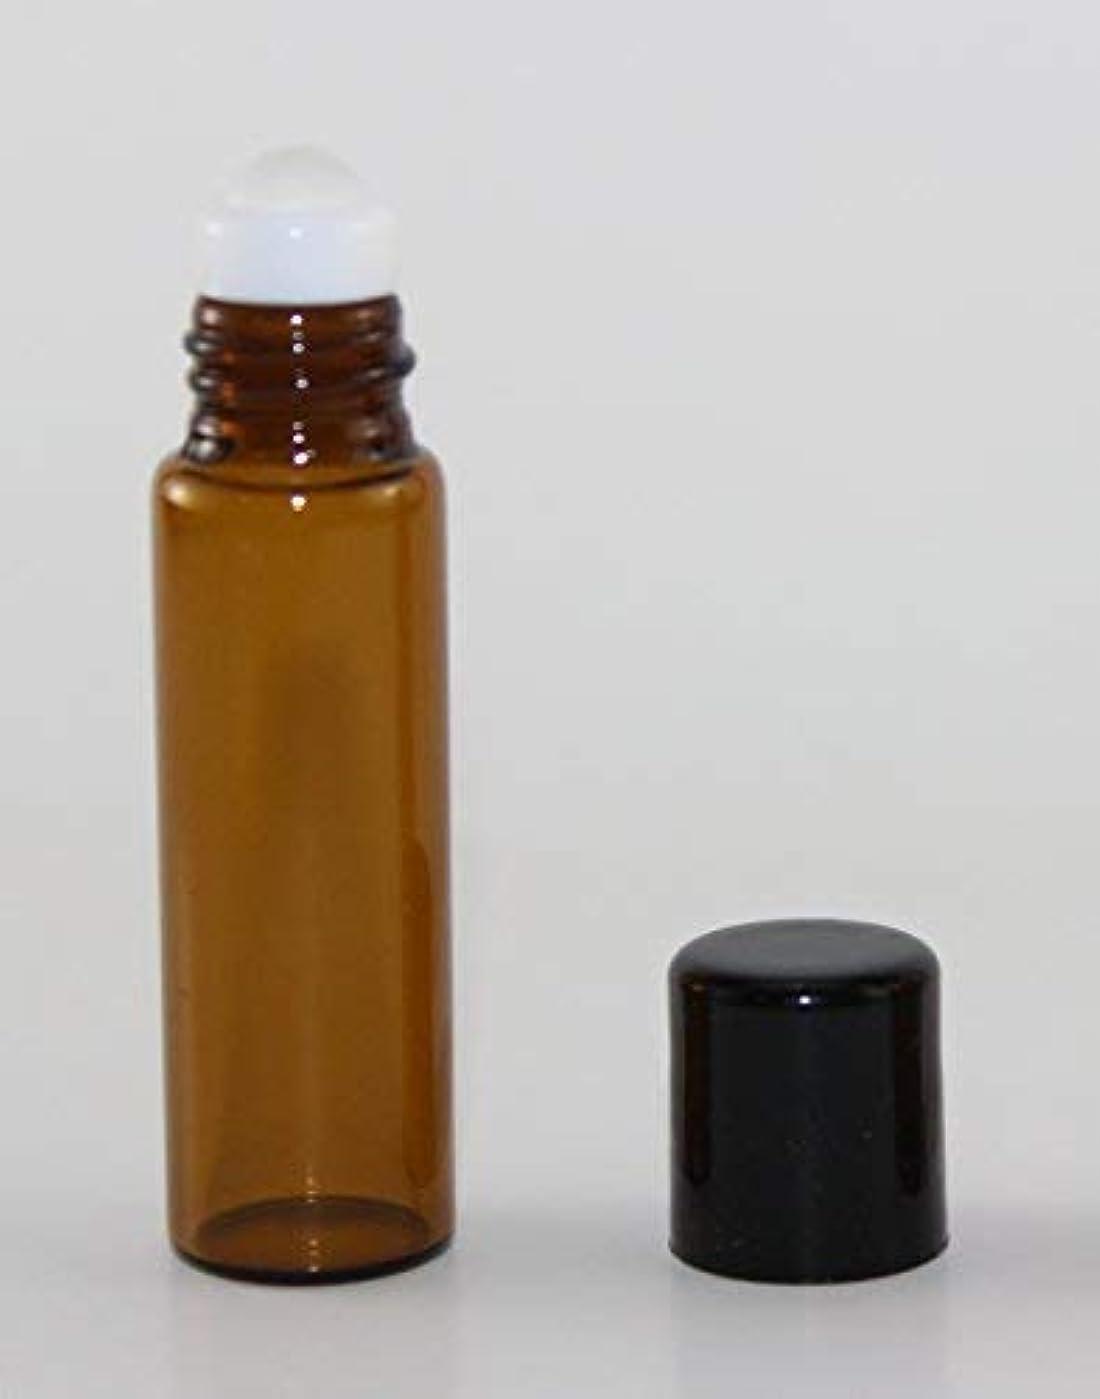 デンプシー用語集傷跡USA 72 Amber Glass 5 ml Roll-On Glass Bottles with GLASS Roller Roll On Balls - Refillable Aromatherapy Essential...